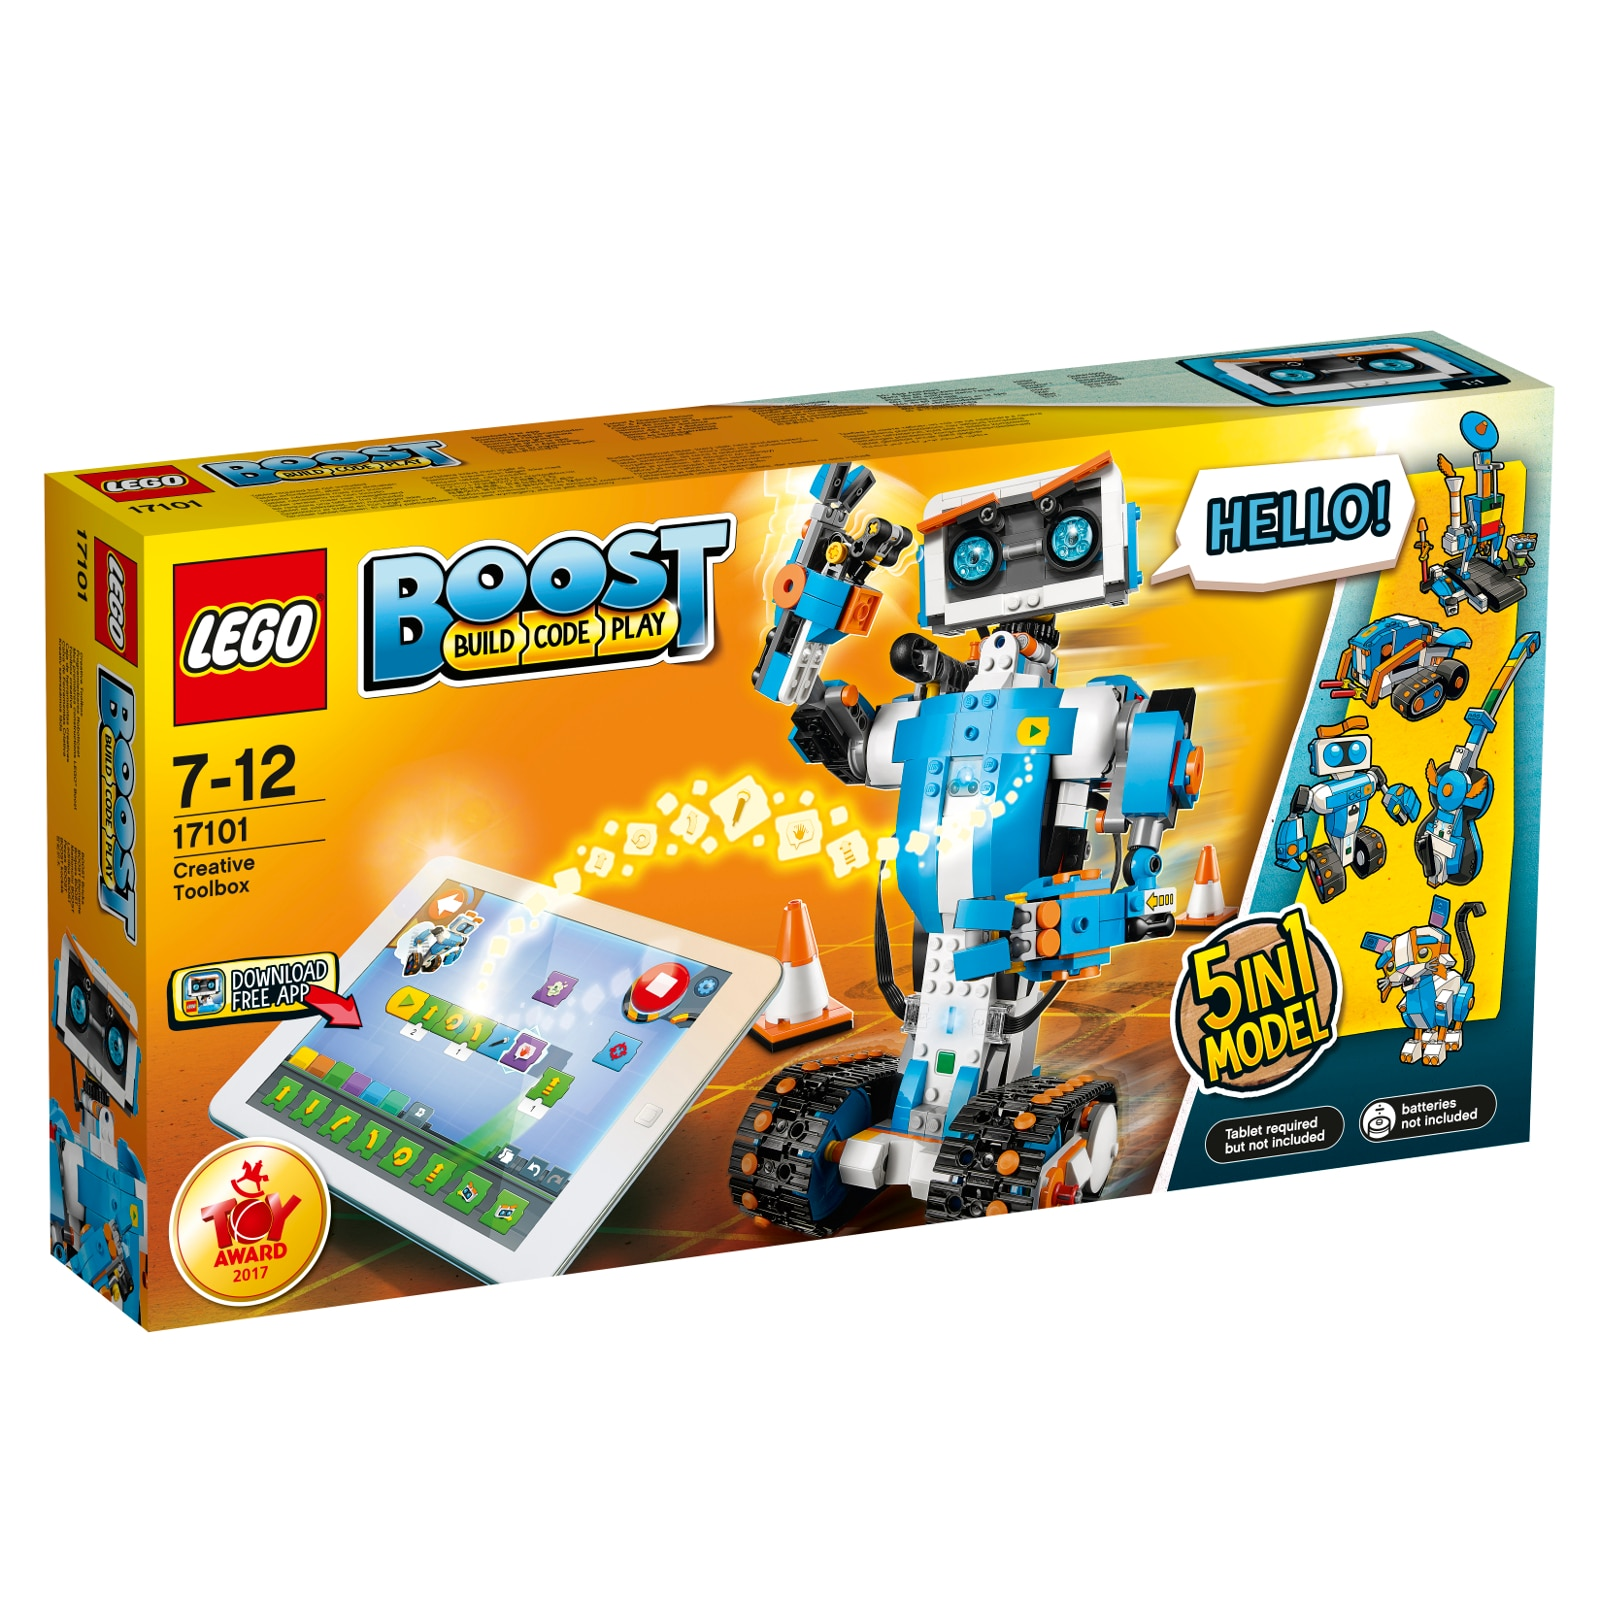 Fotografie LEGO BOOST -Cutie creativa de unelte 17101, 847 piese